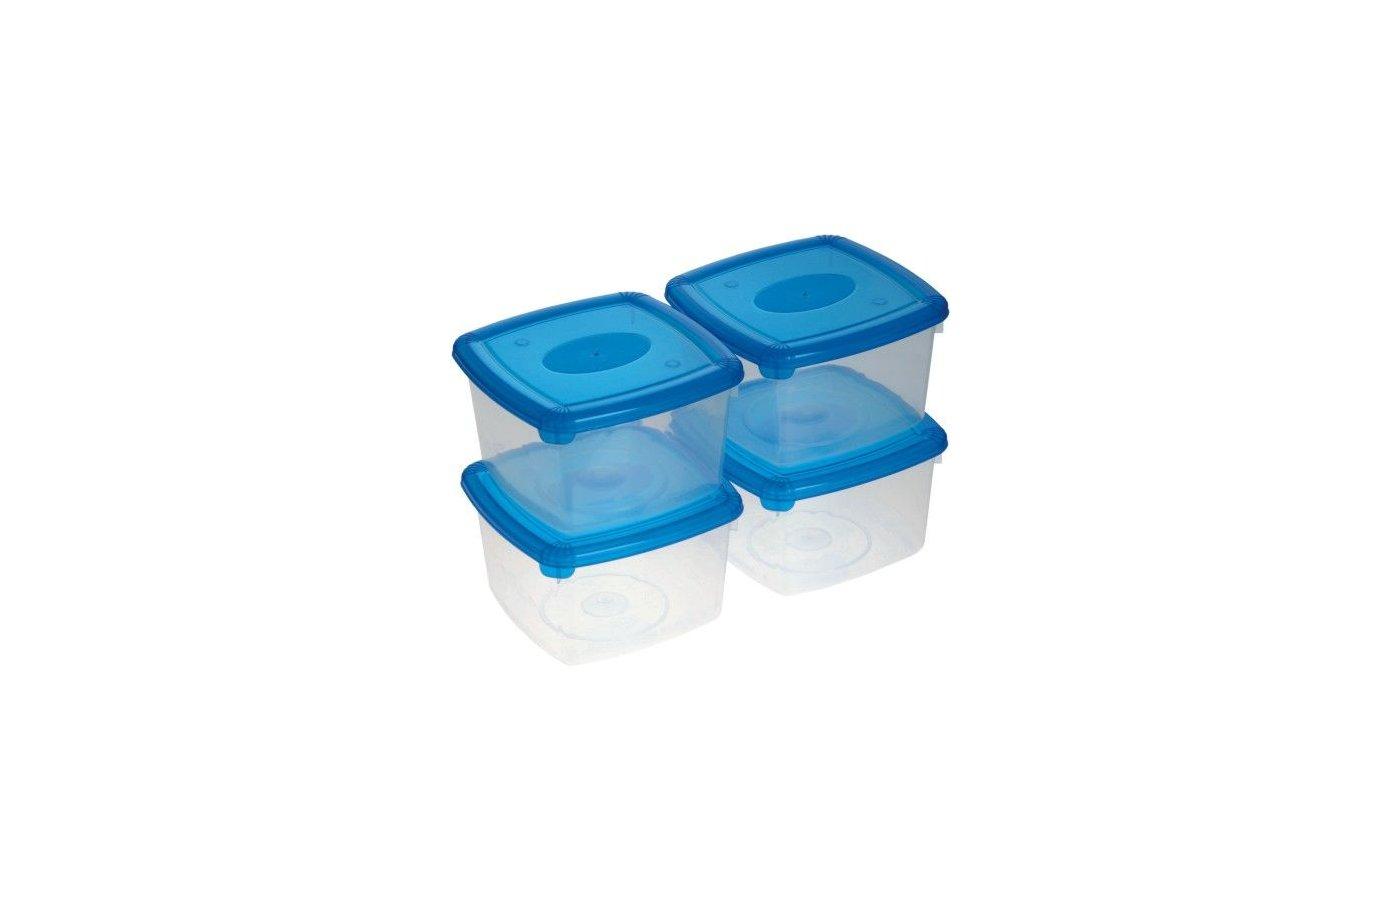 контейнеры для продуктов Plast Team 9972 (1092) Набор емкостей 4шт 0.46л